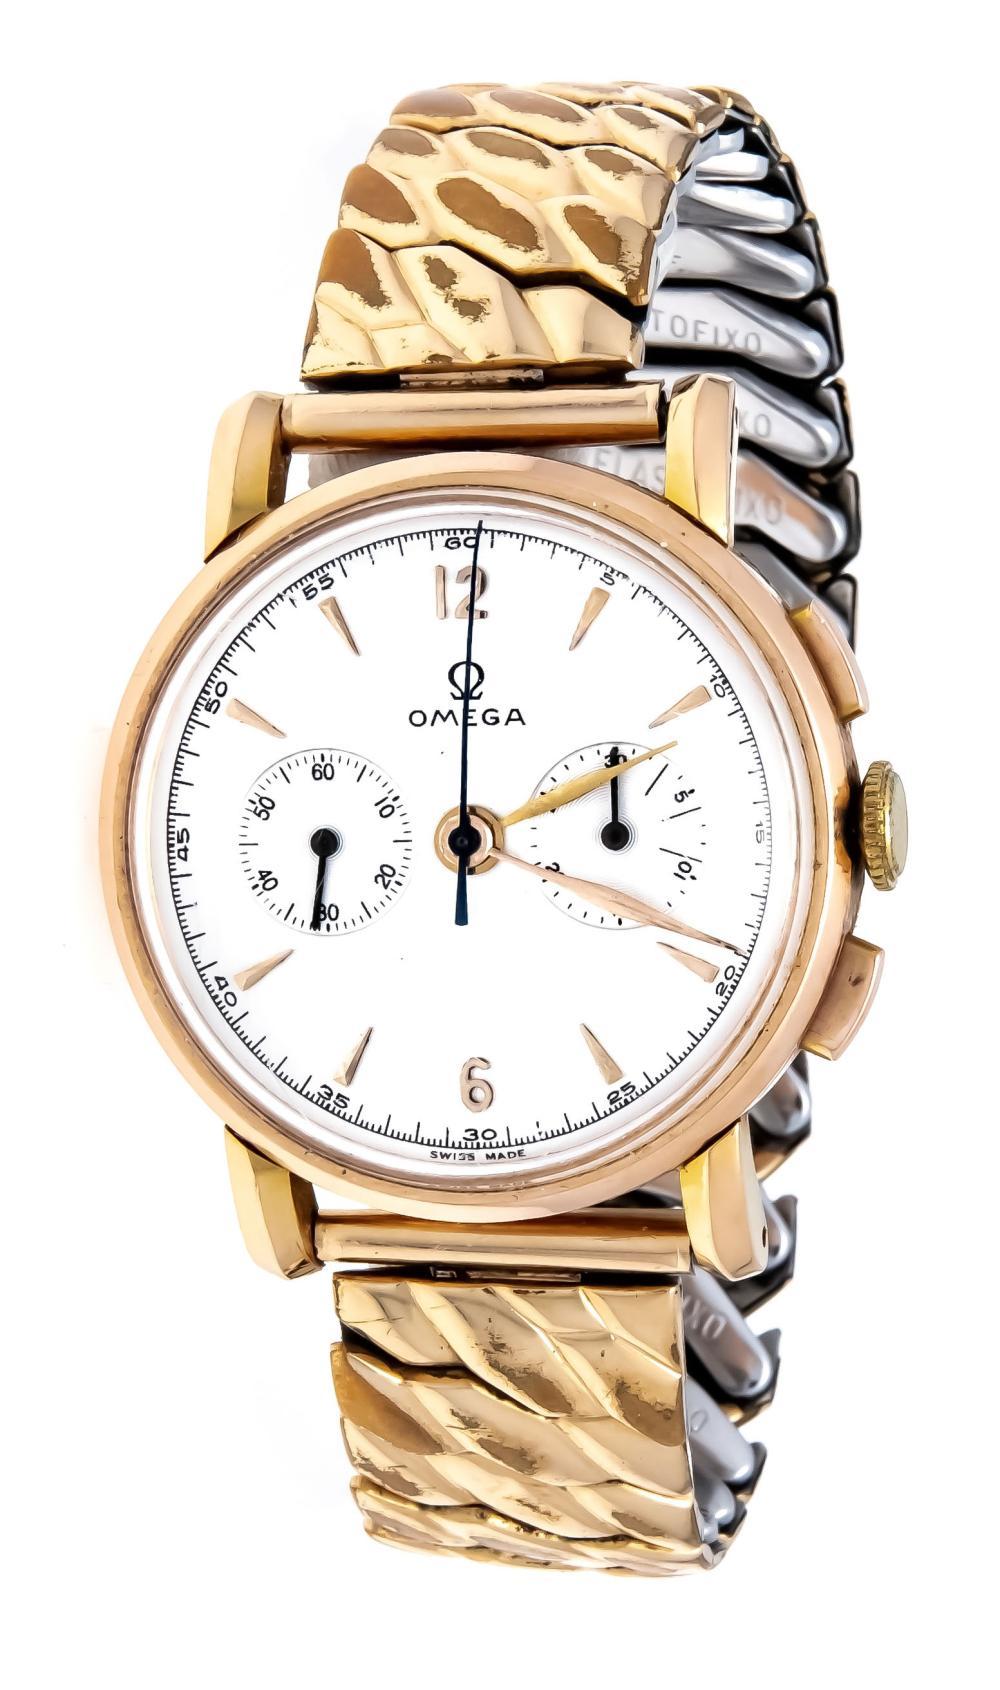 Omega Chronograph, 585/000 GG